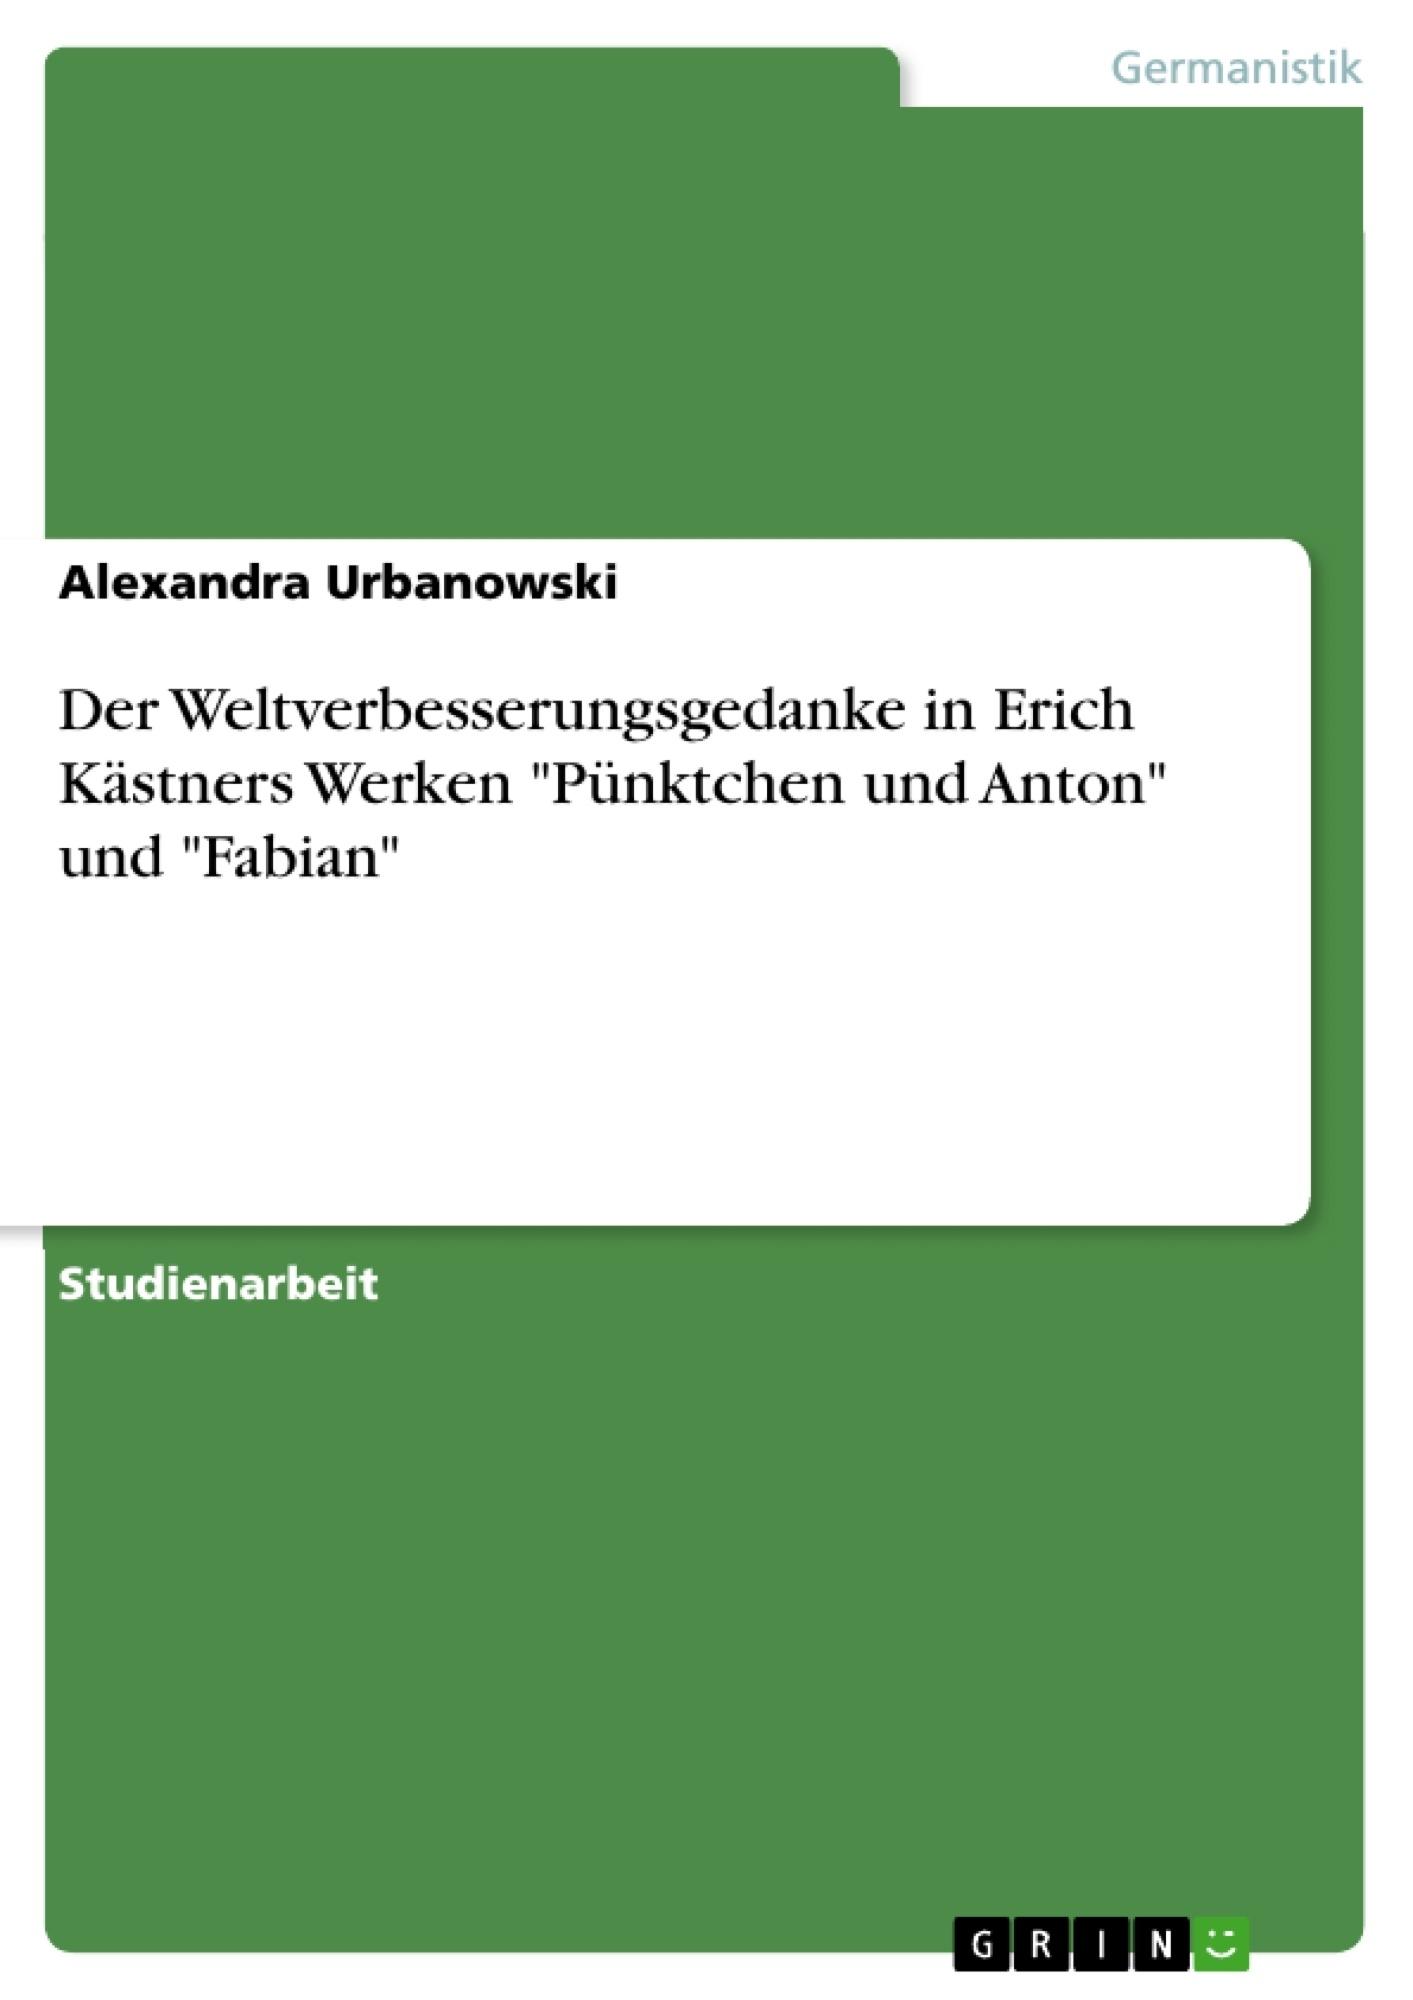 """Titel: Der Weltverbesserungsgedanke in Erich Kästners Werken """"Pünktchen und Anton"""" und """"Fabian"""""""